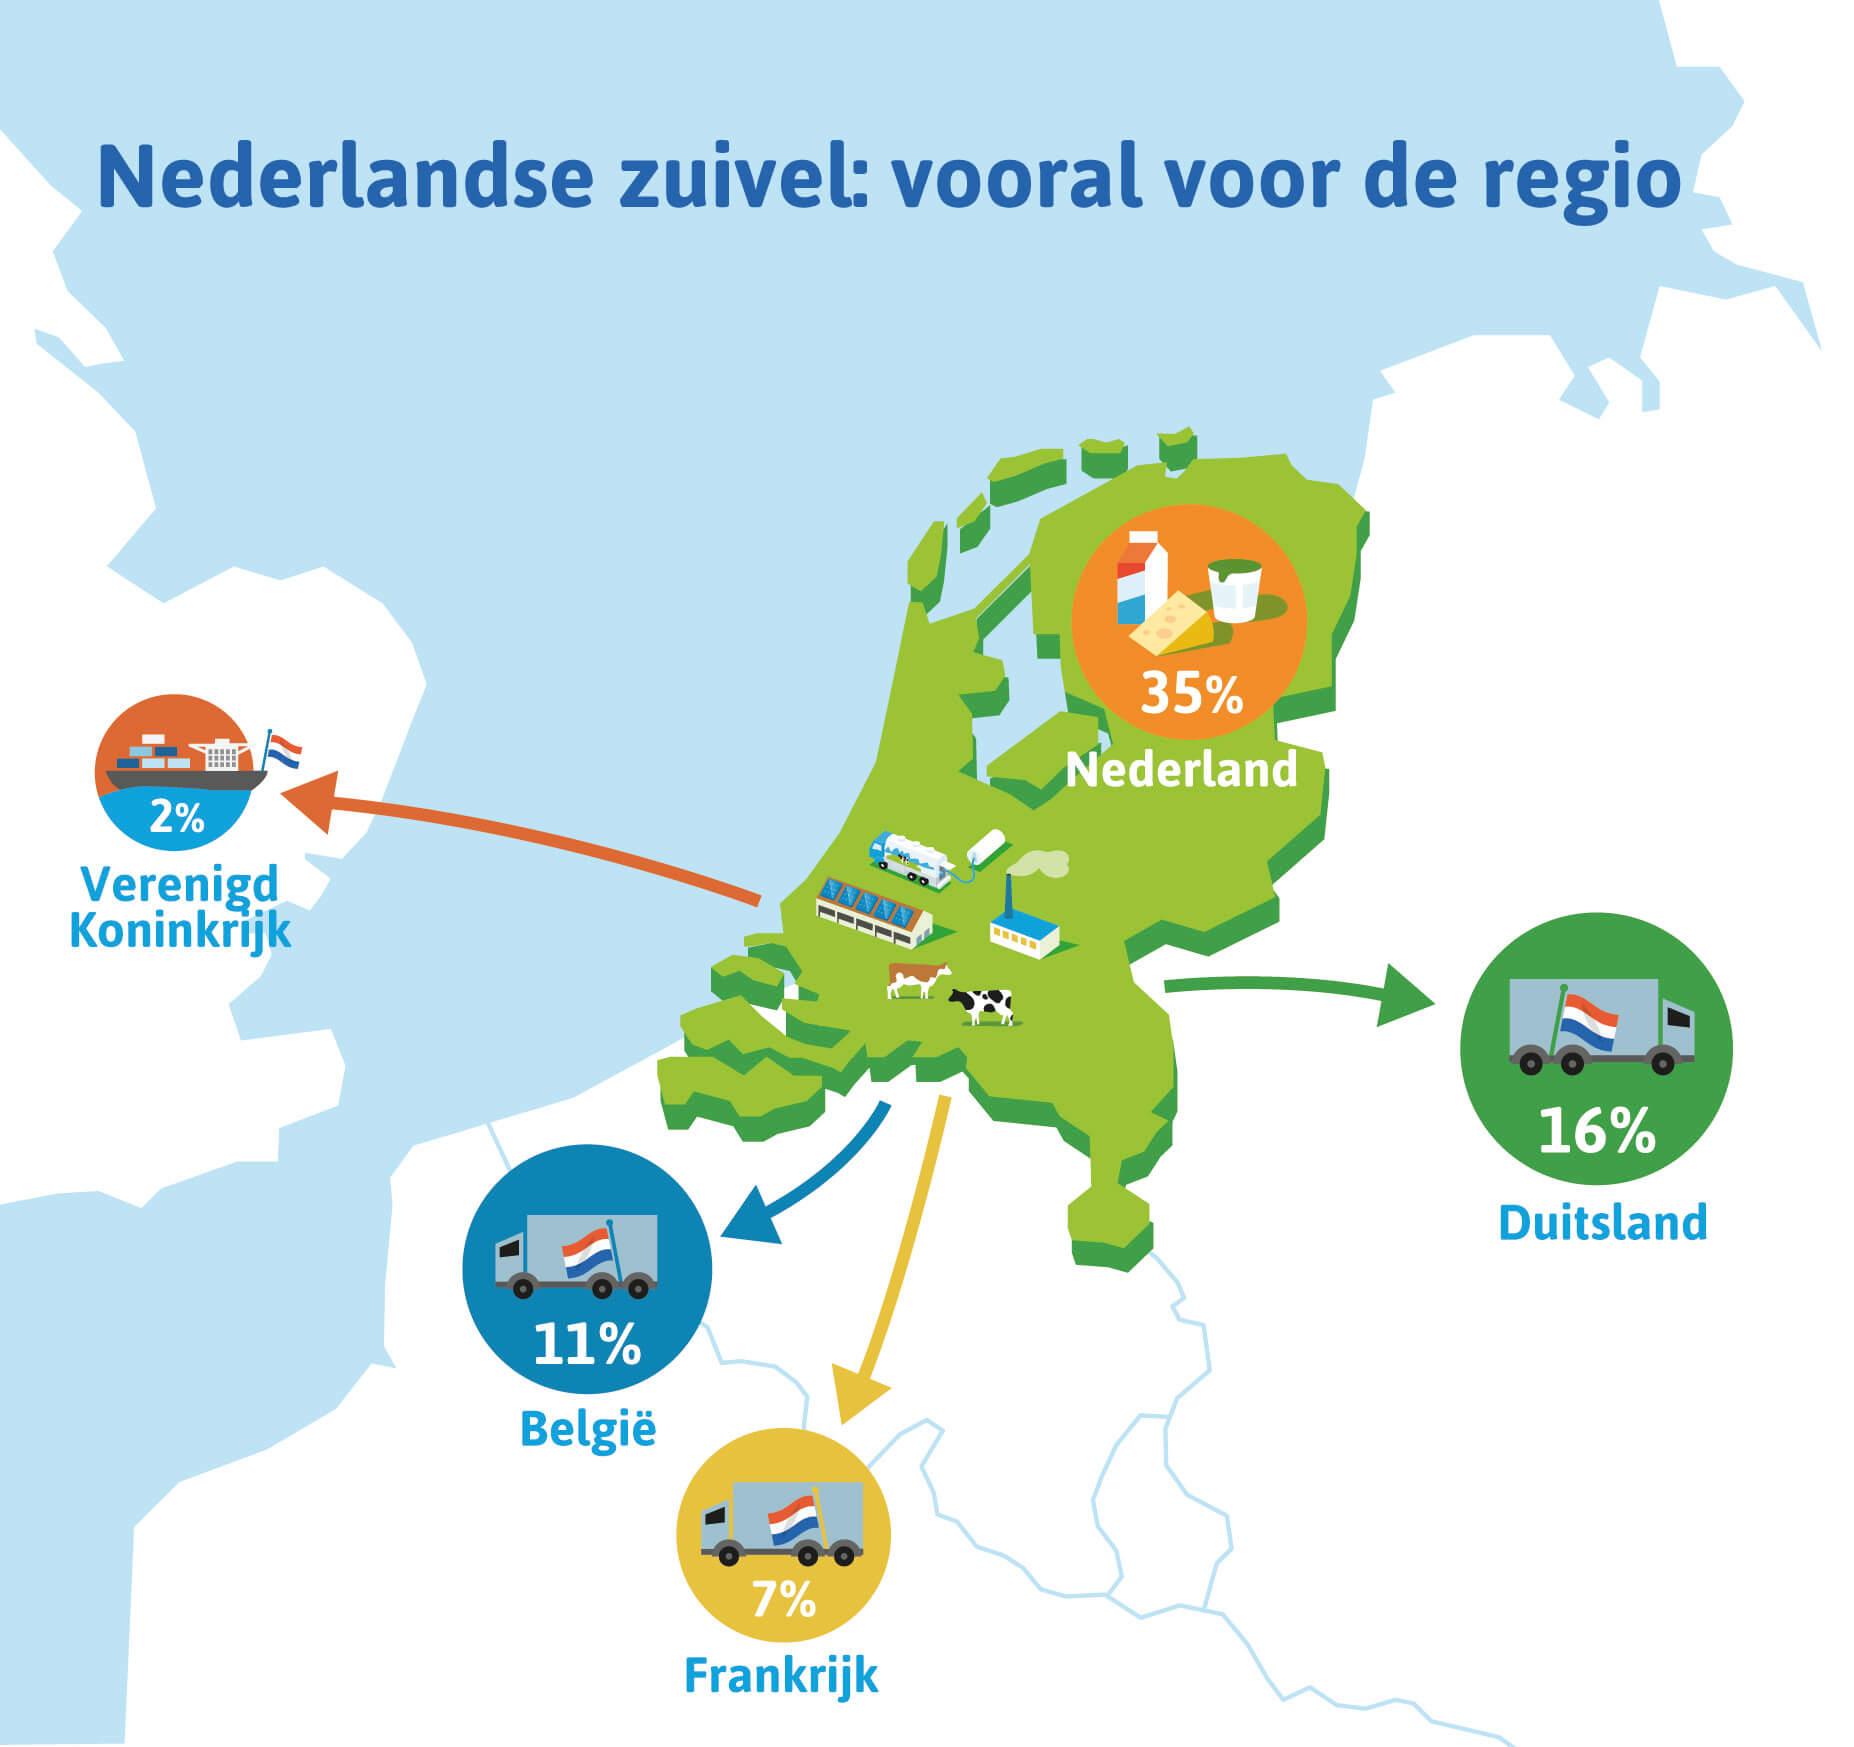 Zuivel export Nederland